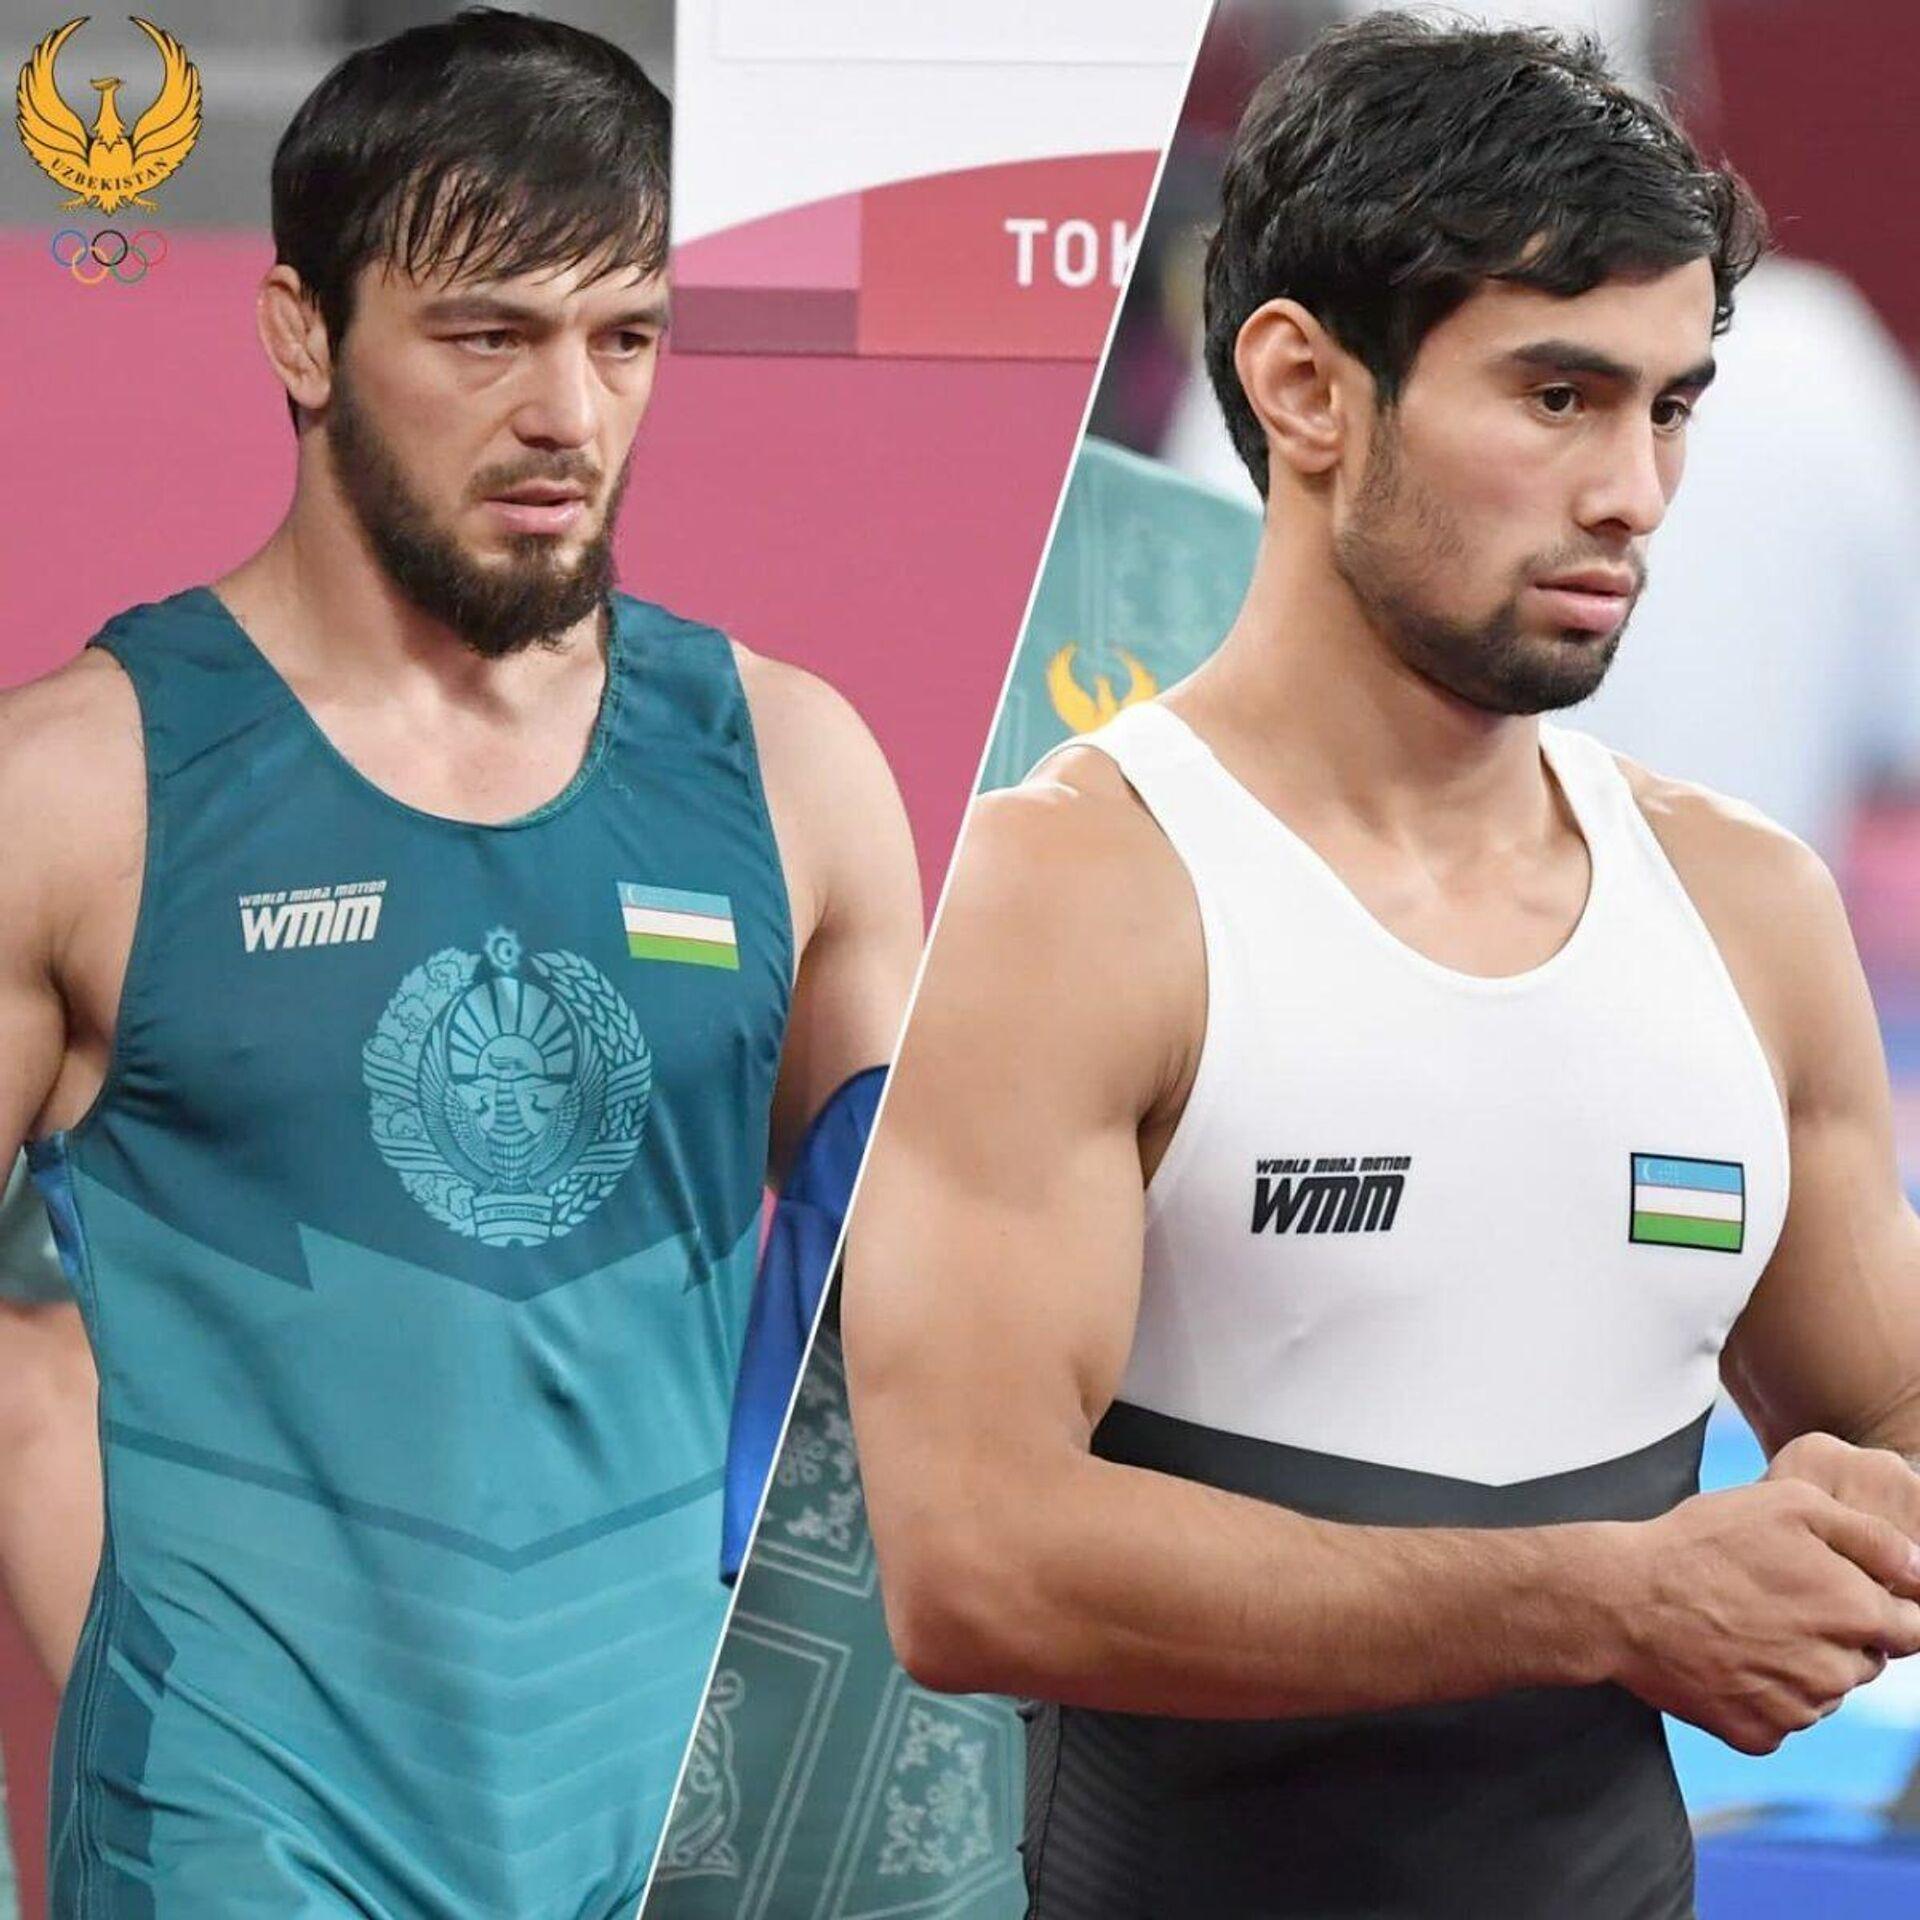 Volnaya borba: Abdullayev i Shapiyev srazyatsya za bronzu - Sputnik Oʻzbekiston, 1920, 04.08.2021